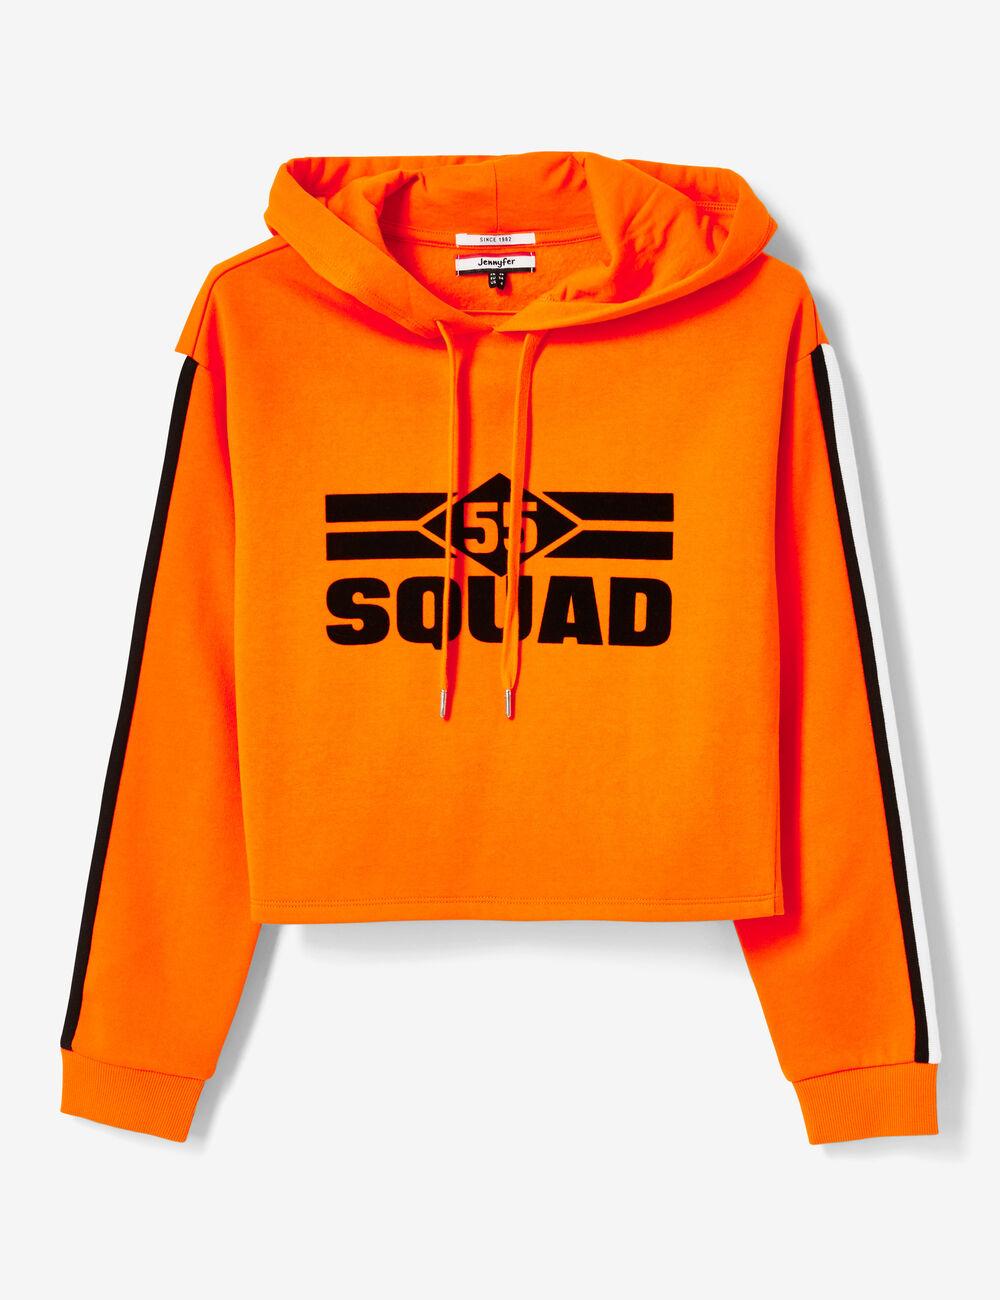 6814ddf380ada Sweat à capuche 55 squad orange femme • Jennyfer